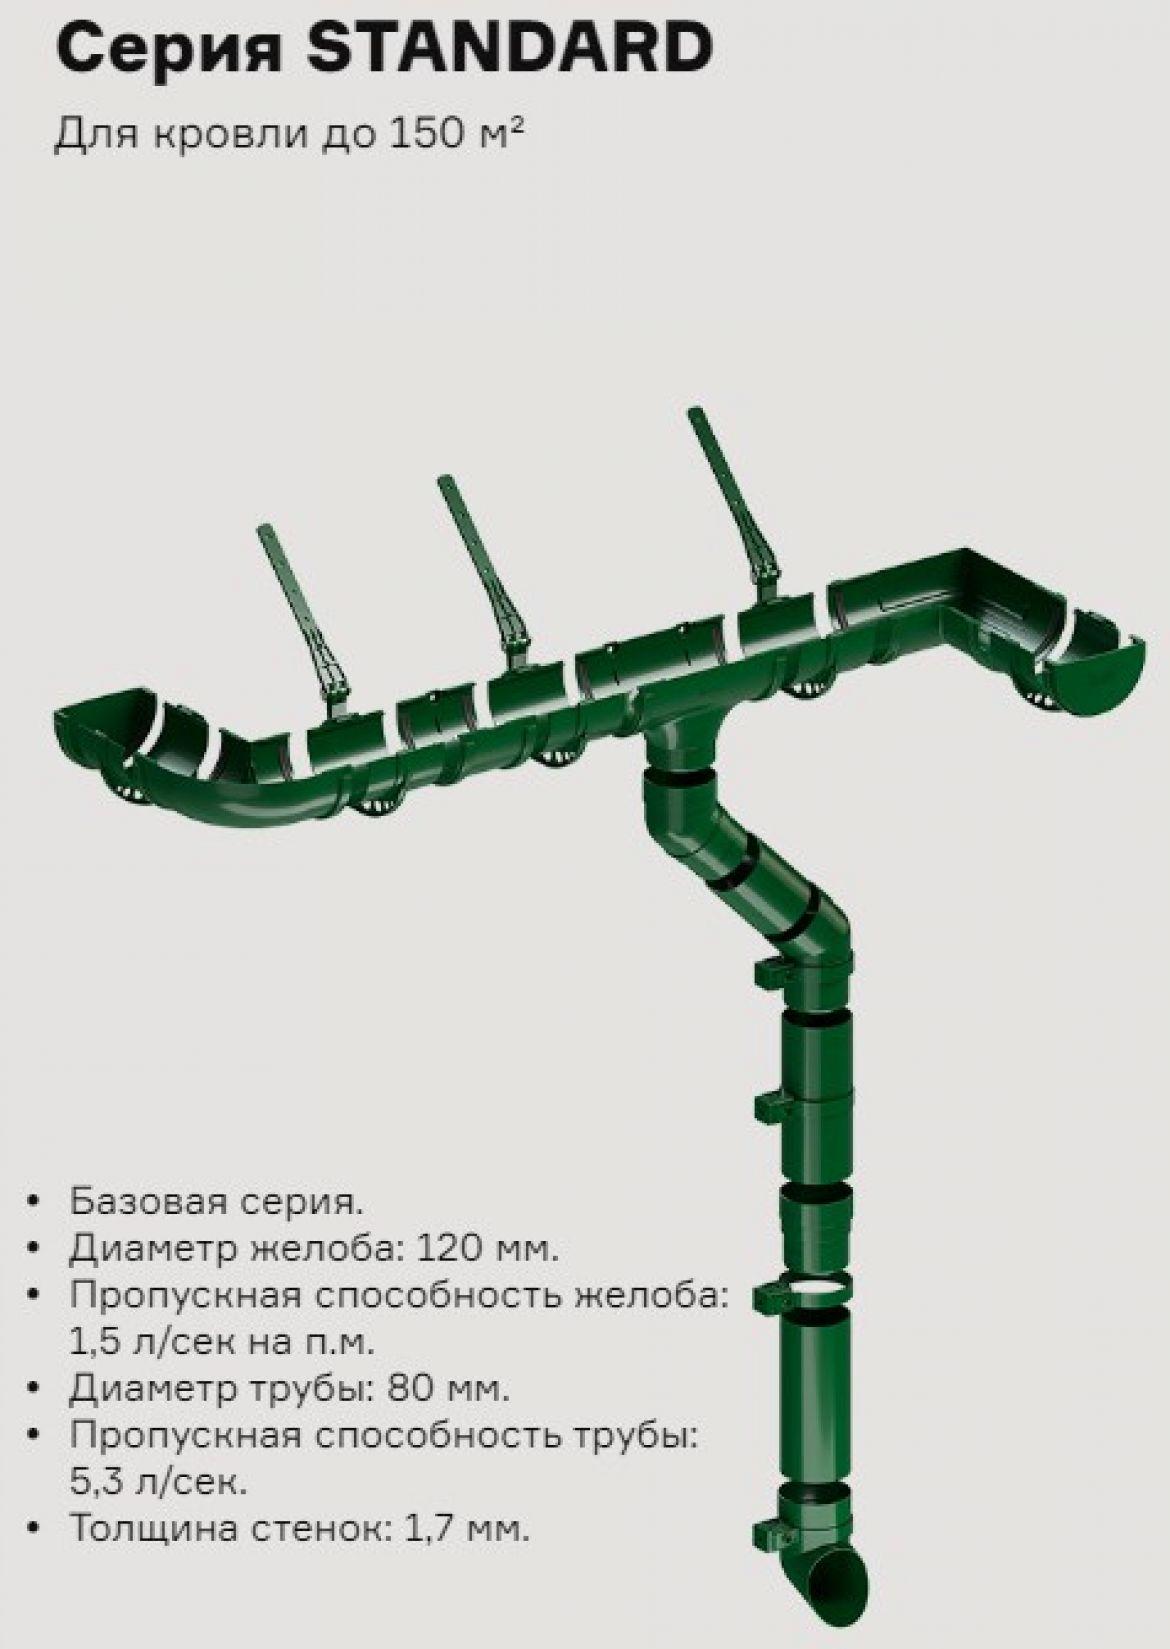 Водосточные системы круглые Standard